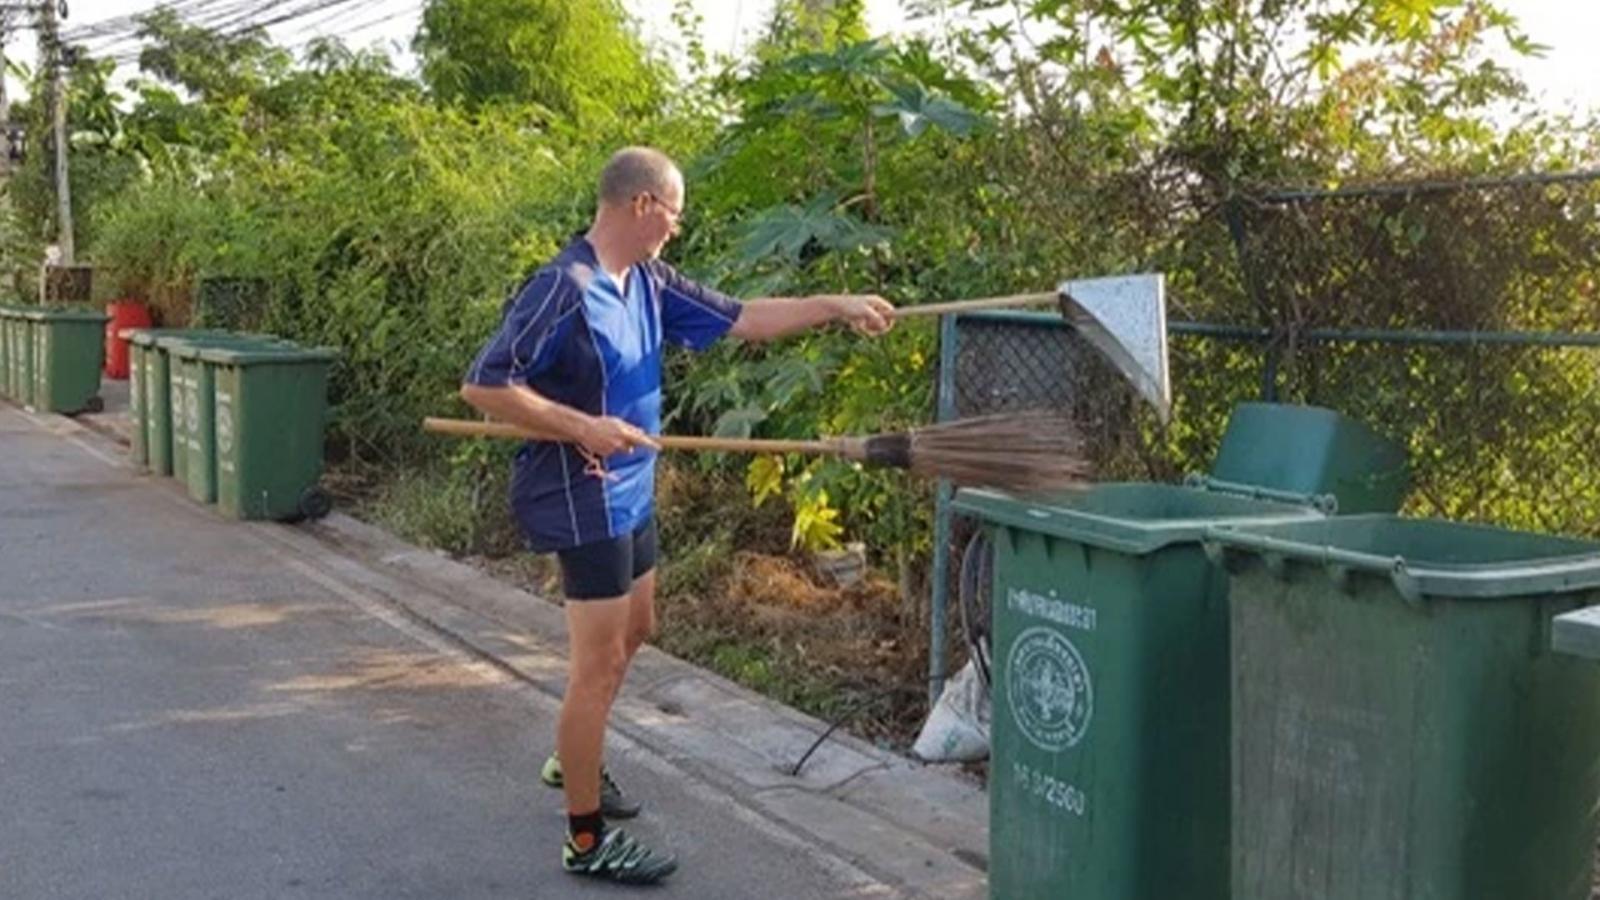 ชื่นชม! ชายต่างชาติ อาสาเก็บขยะ อยากให้ชุมชนสะอาด-สวยงาม